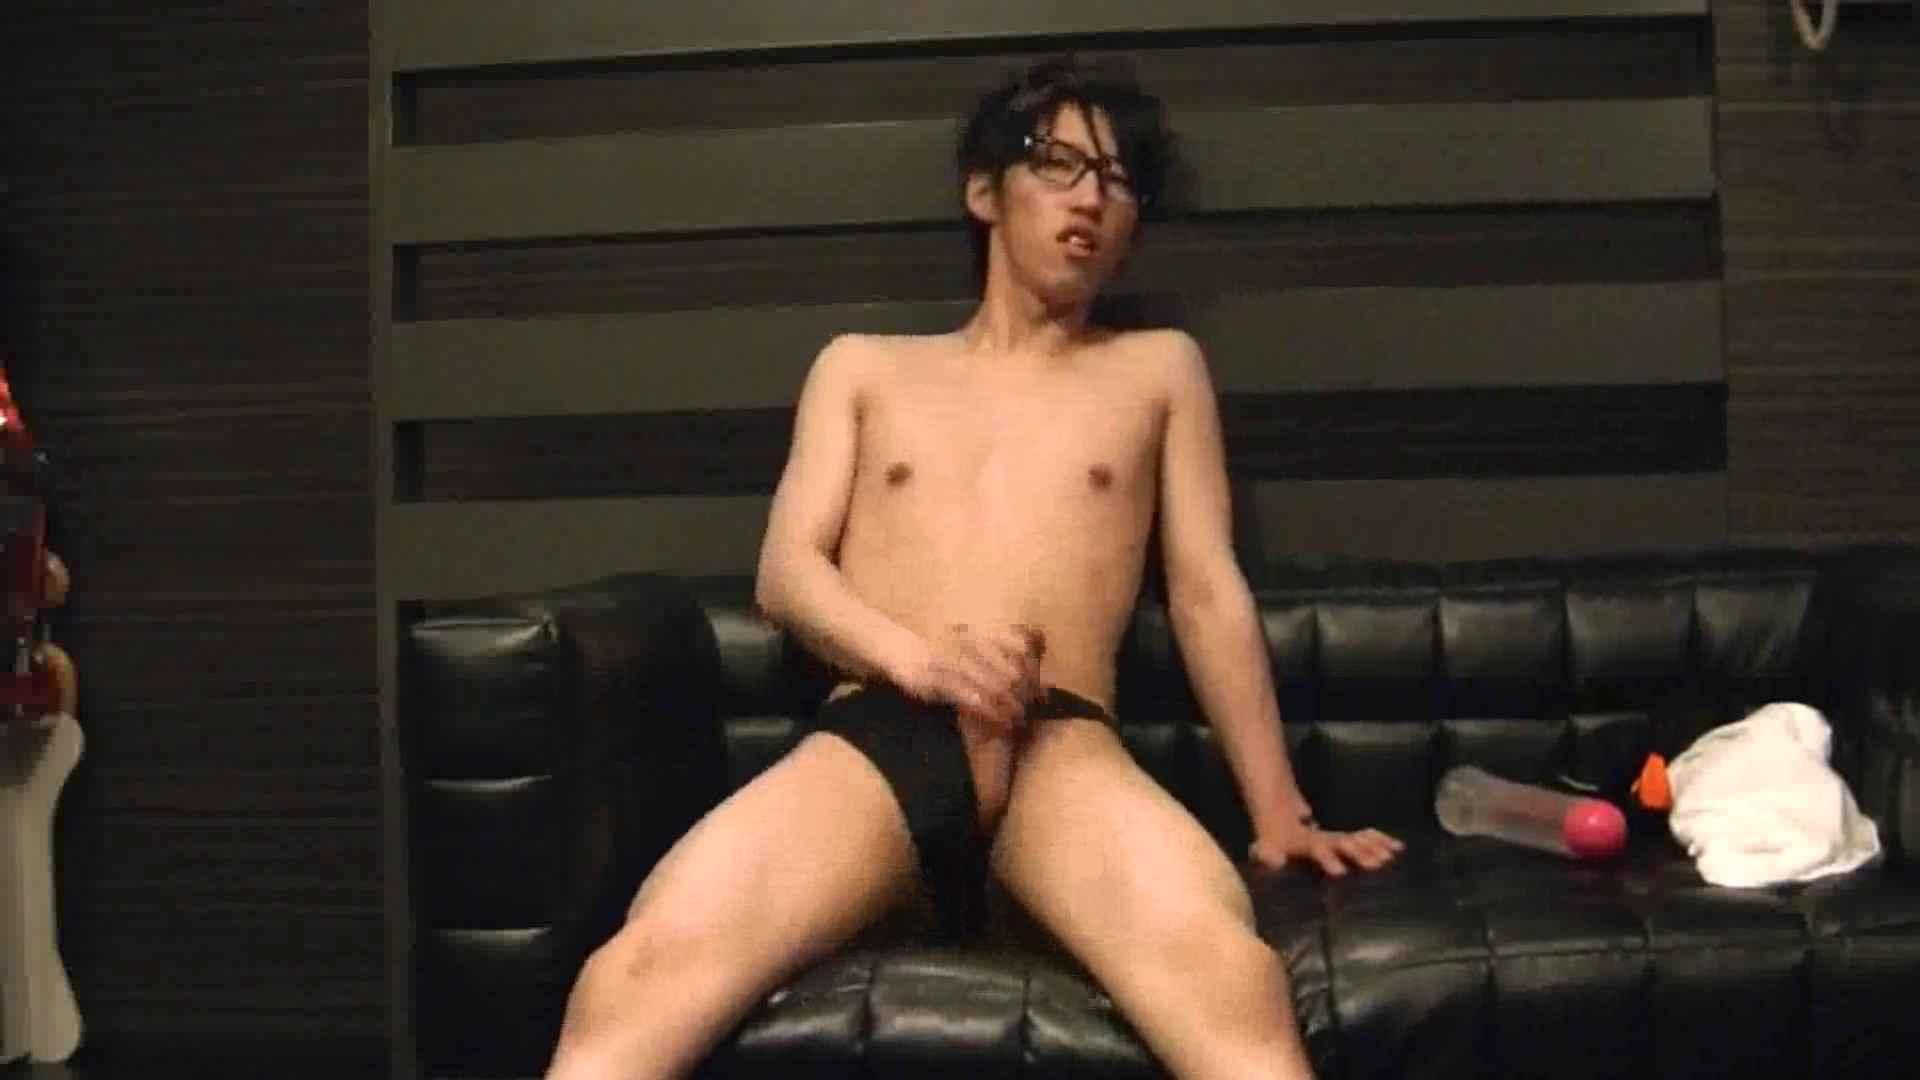 ONA見せカーニバル!! Vol3 男・男   モザイク無し ゲイ無料無修正画像 72pic 58